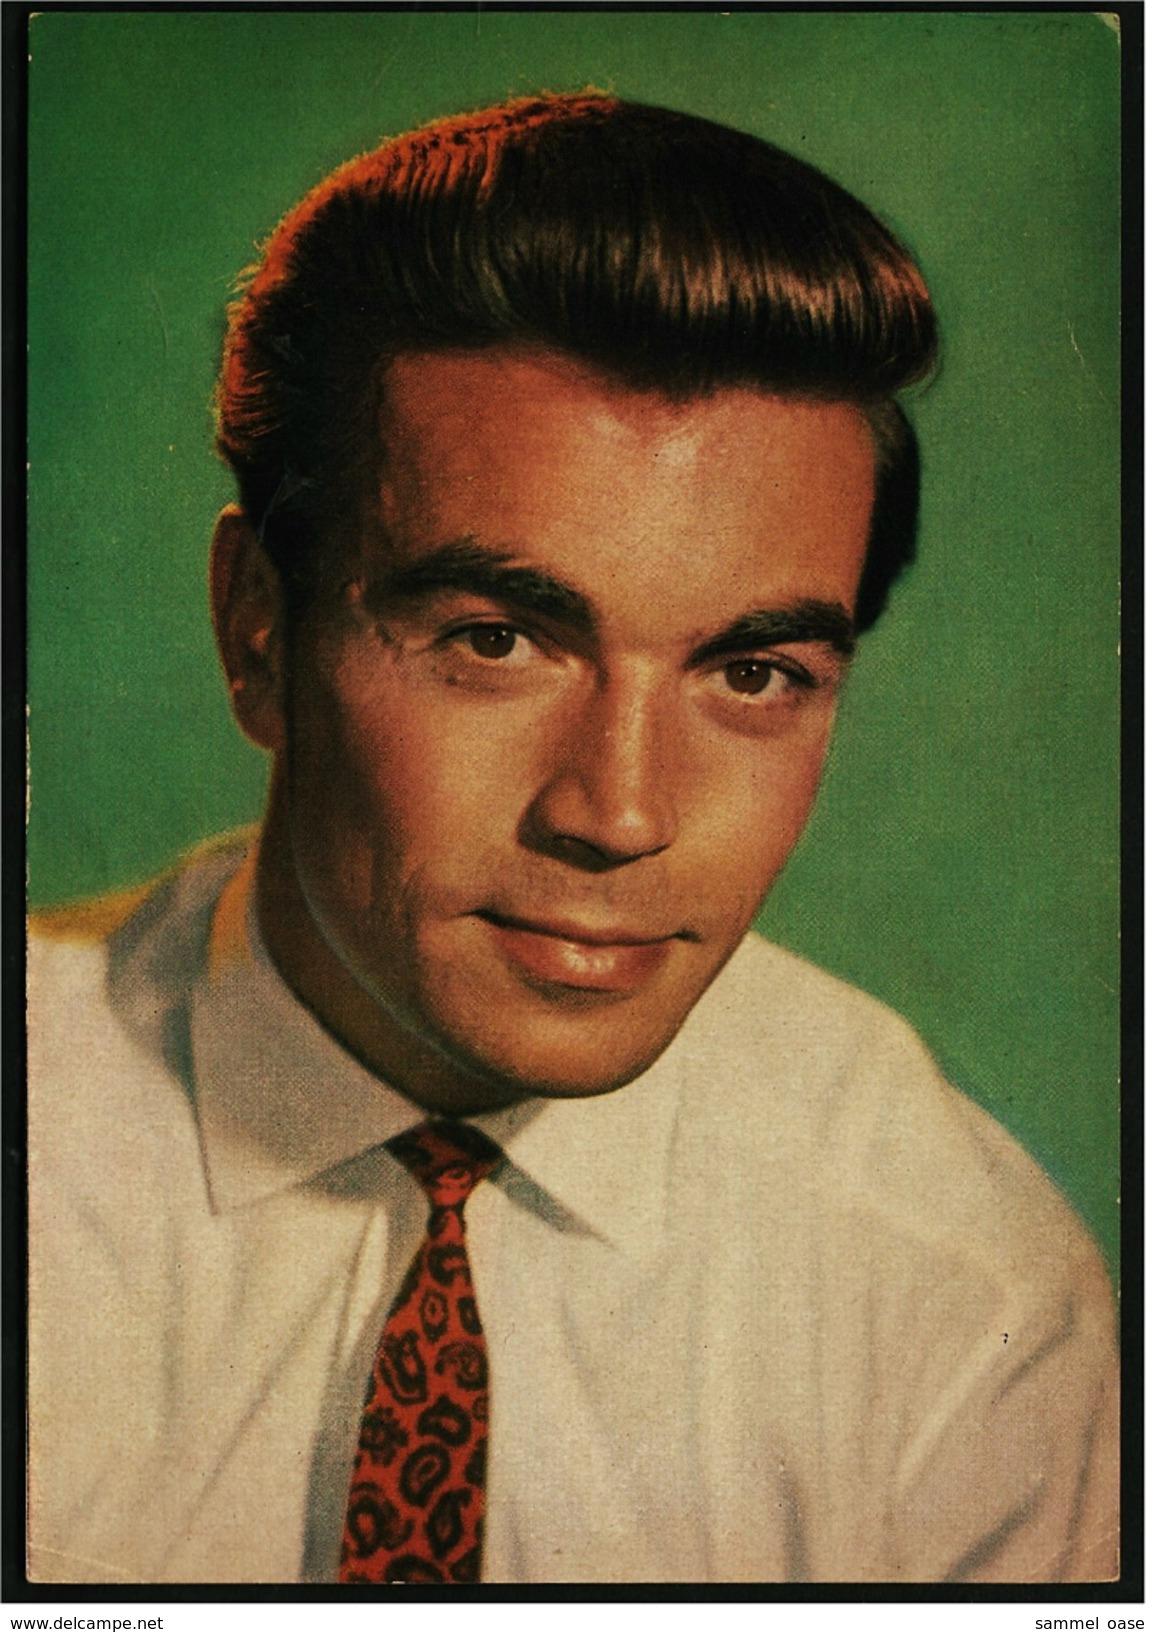 Ca. 1958  -  Sammelbild OK-Kaugummi  -  Claus Biederstaedt  -  Bild Nr. 2 - Süsswaren